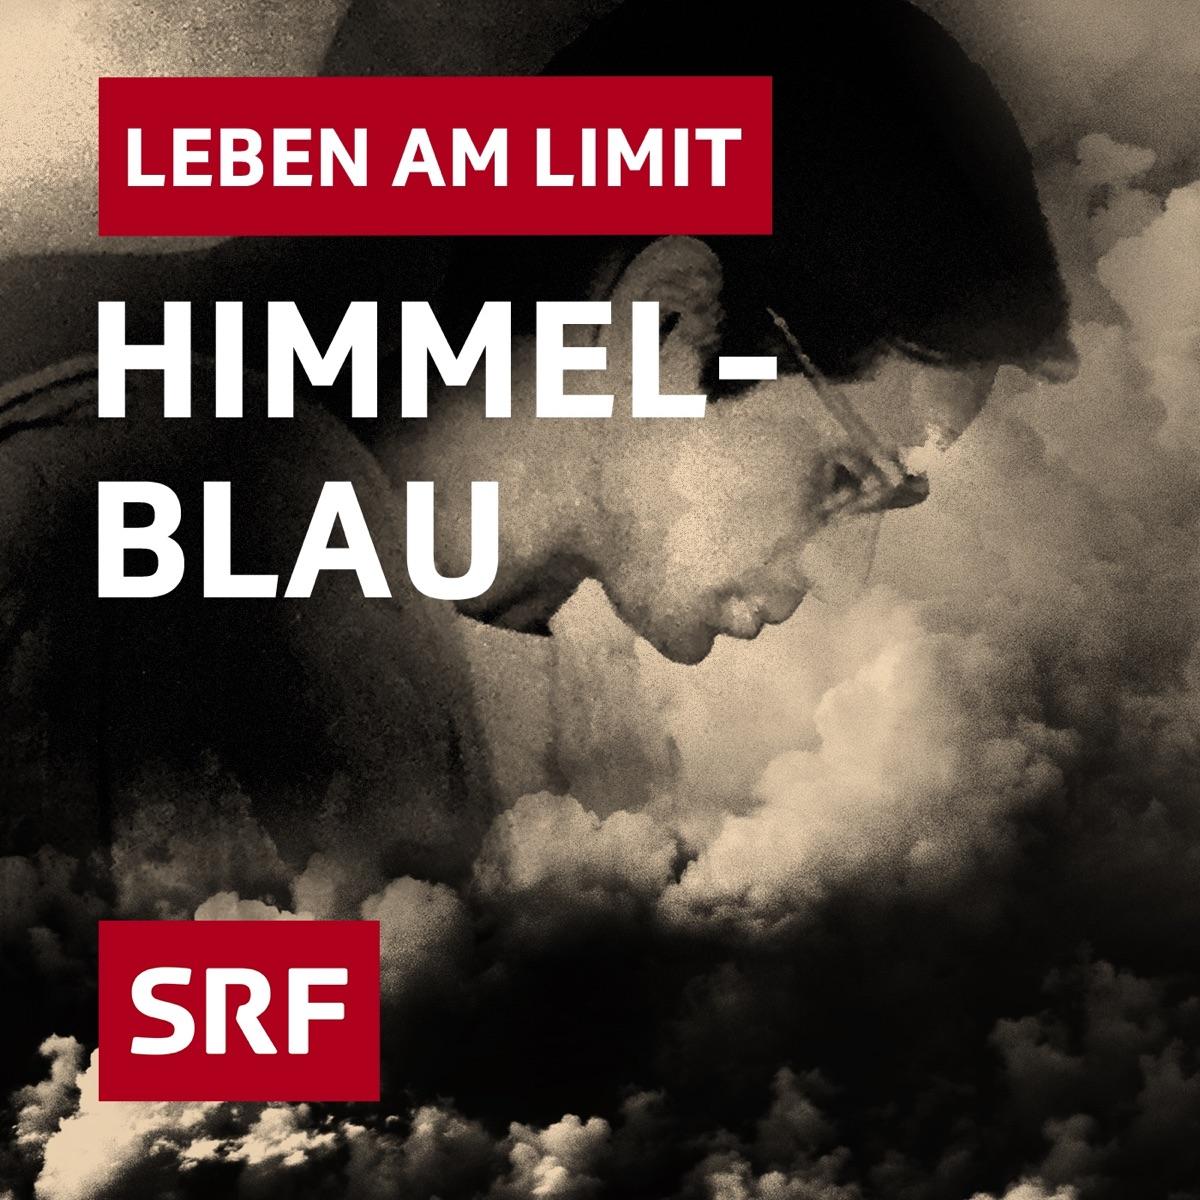 Himmelblau – Leben am Limit